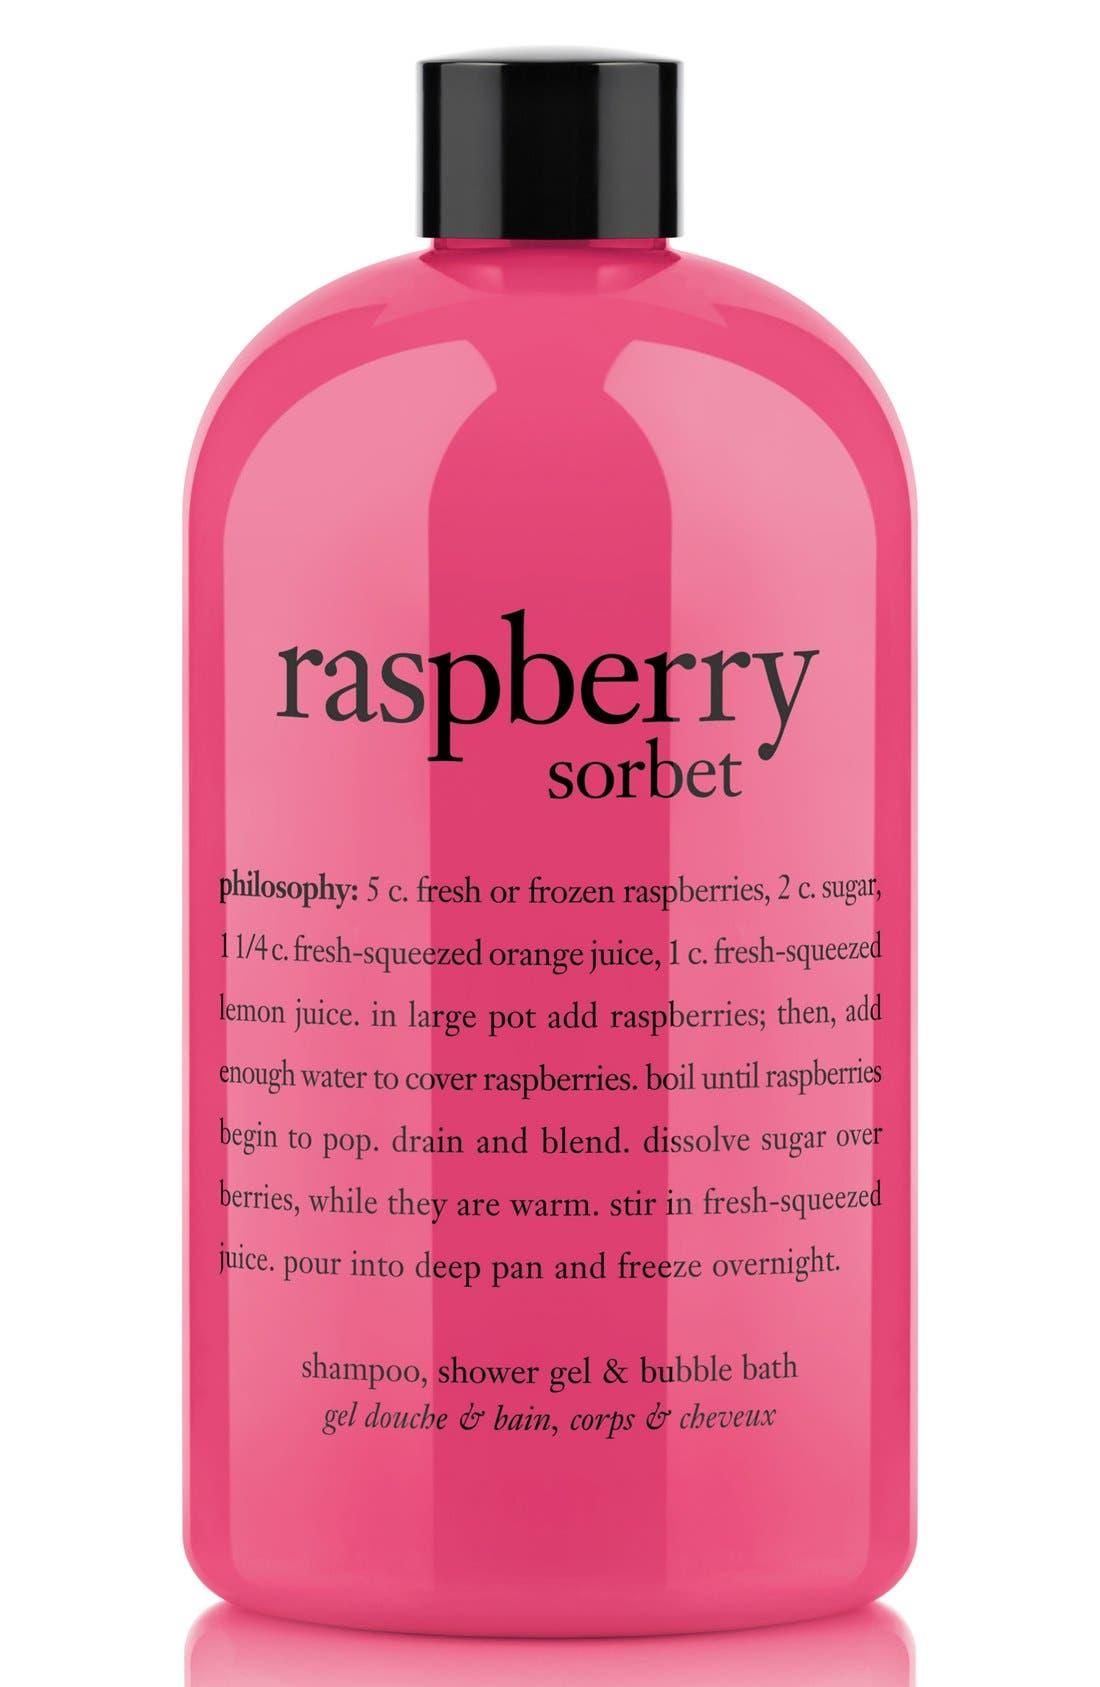 philosophy 'raspberry sorbet' award-winning ultra-rich 3-in-1 shampoo, shower gel& bubble bath